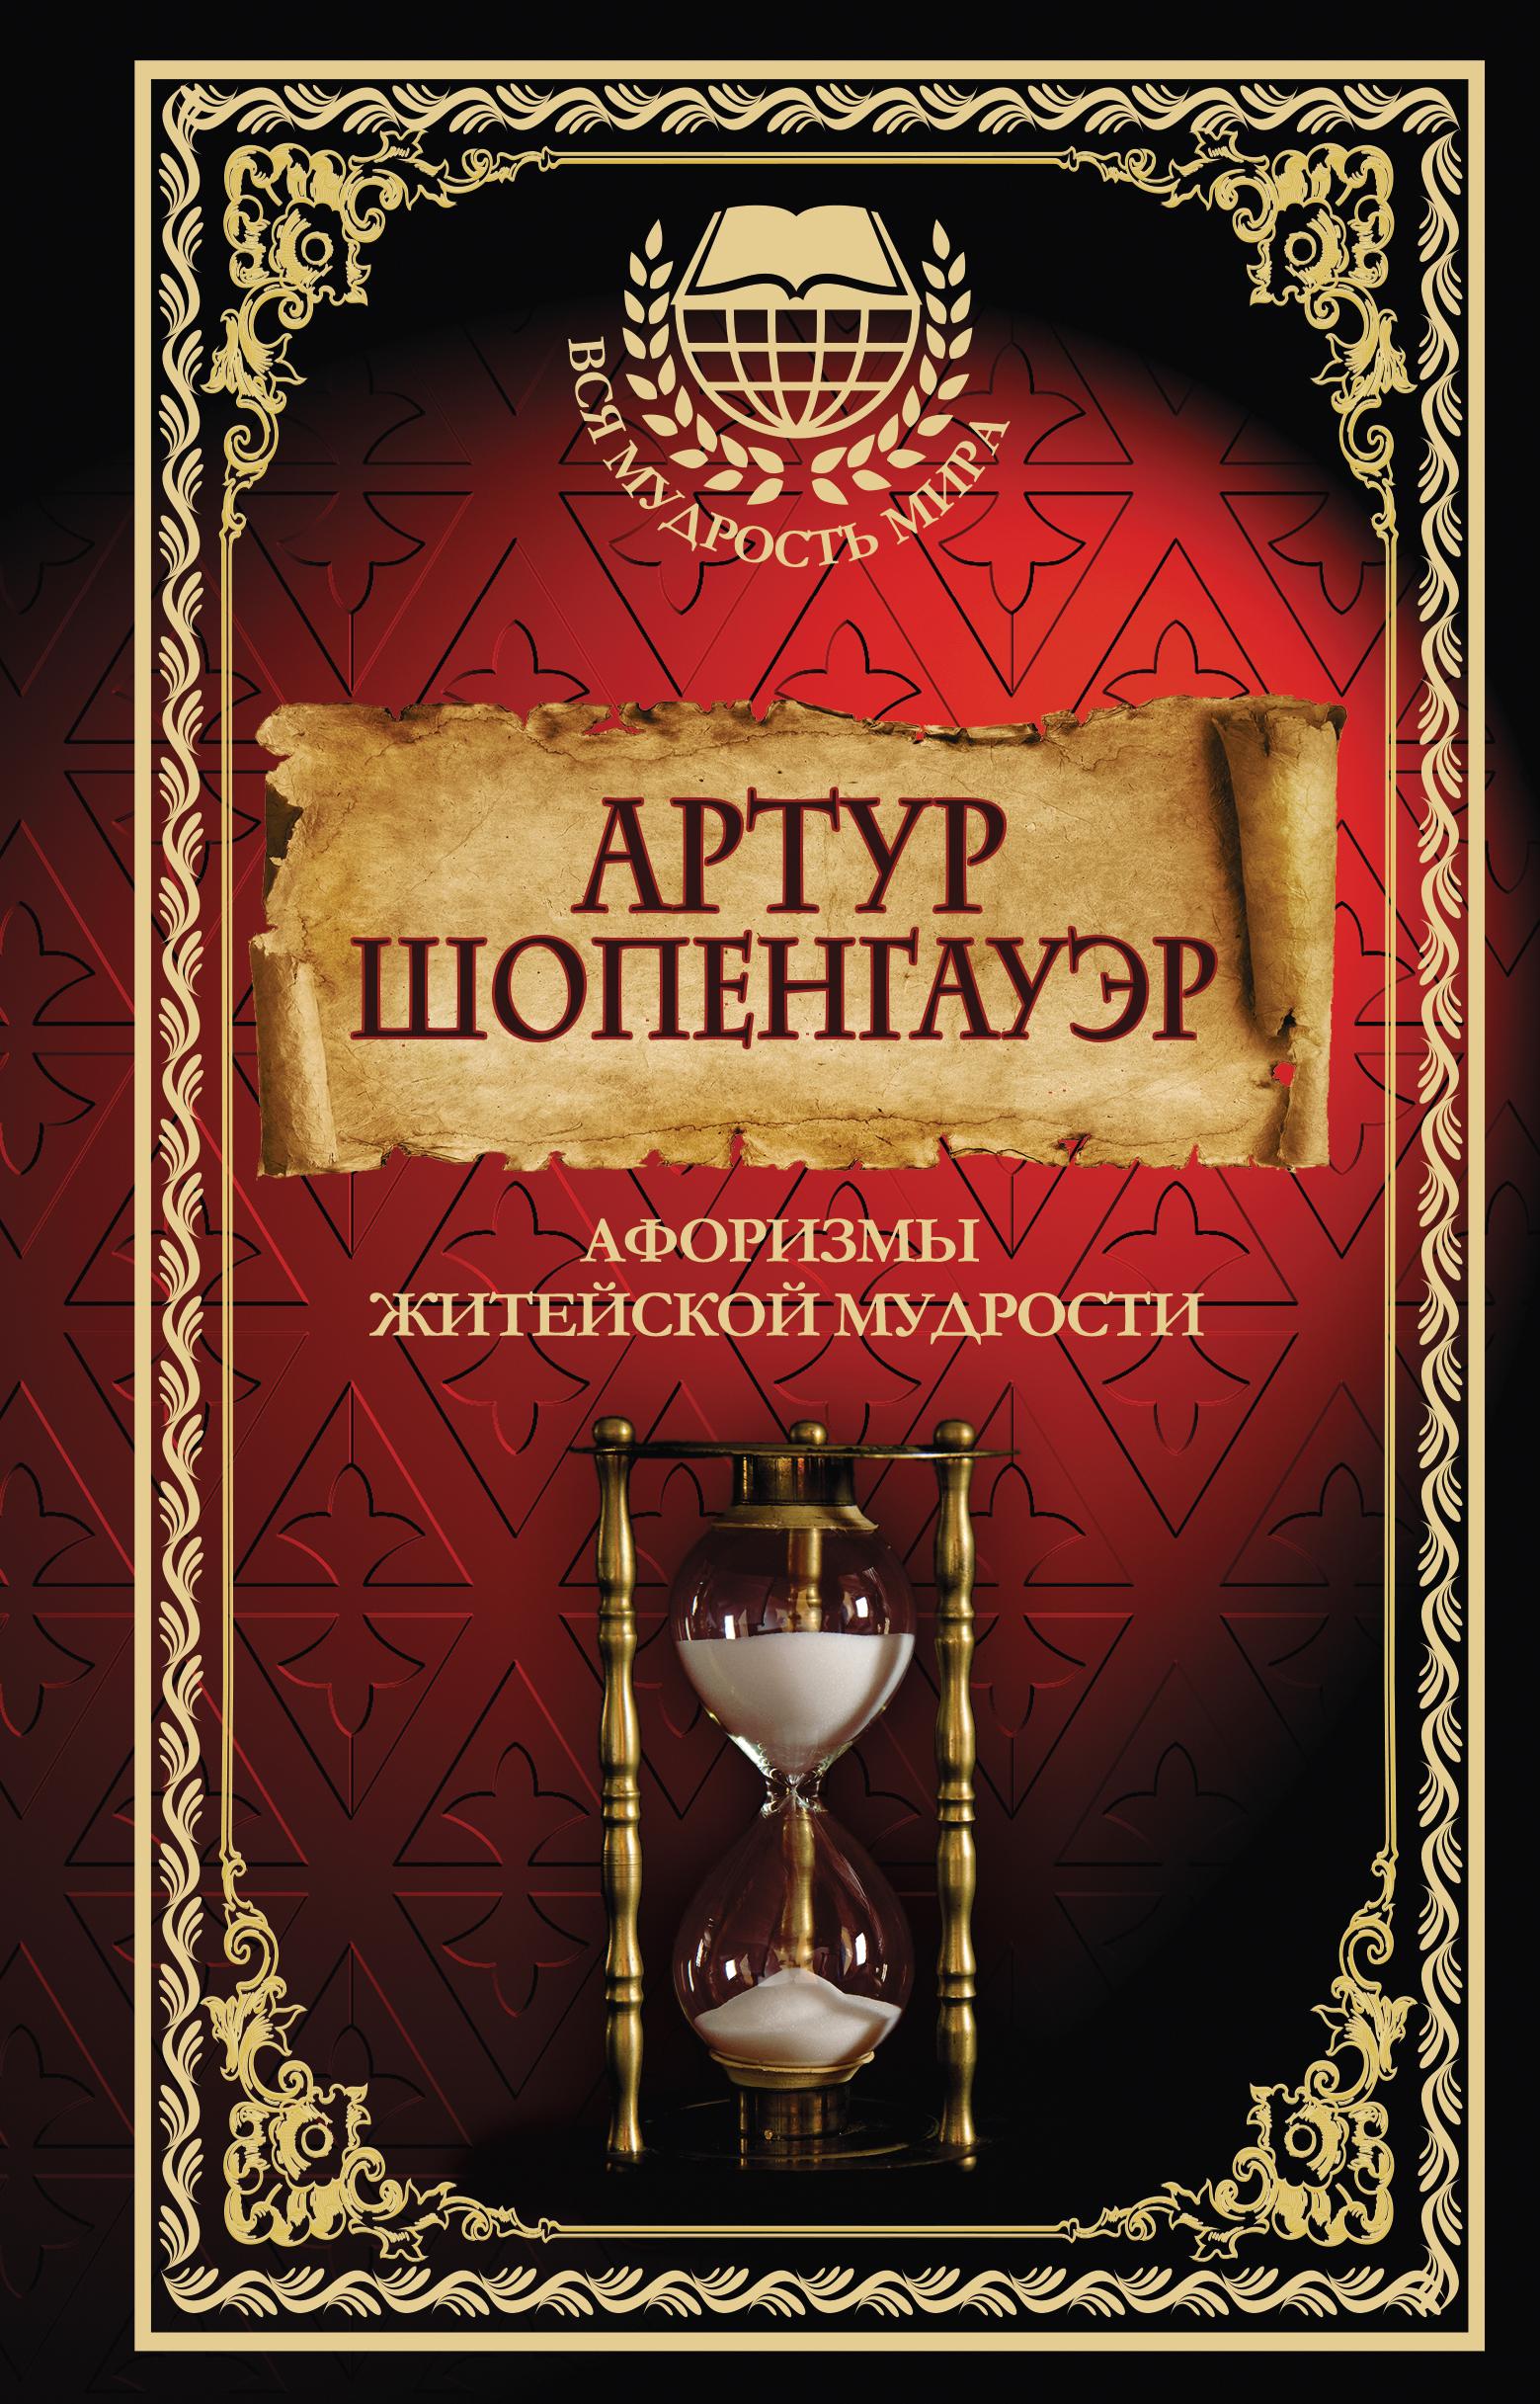 Афоризмы житейской мудрости от book24.ru